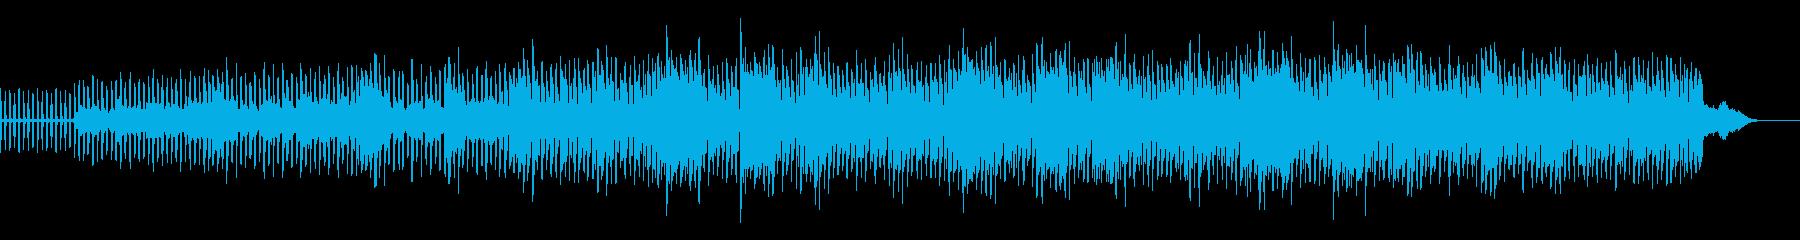 ミニマル、エレクトロ二カ、ロック、ダークの再生済みの波形